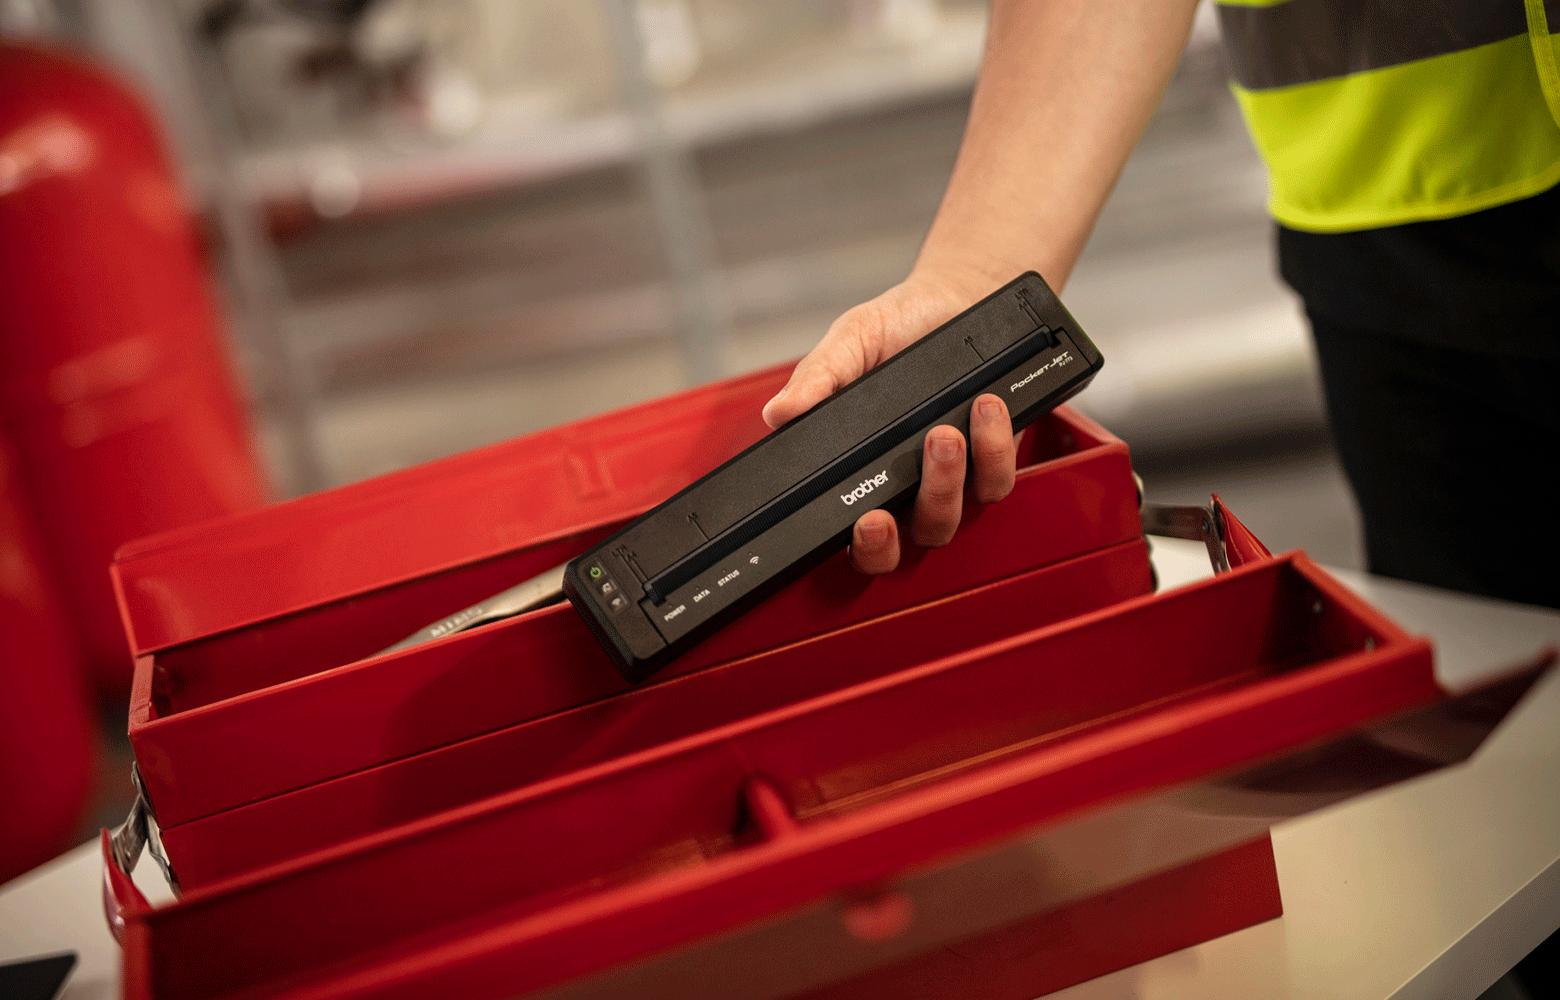 Работник поставя мобилен принтер в кутия за инструменти